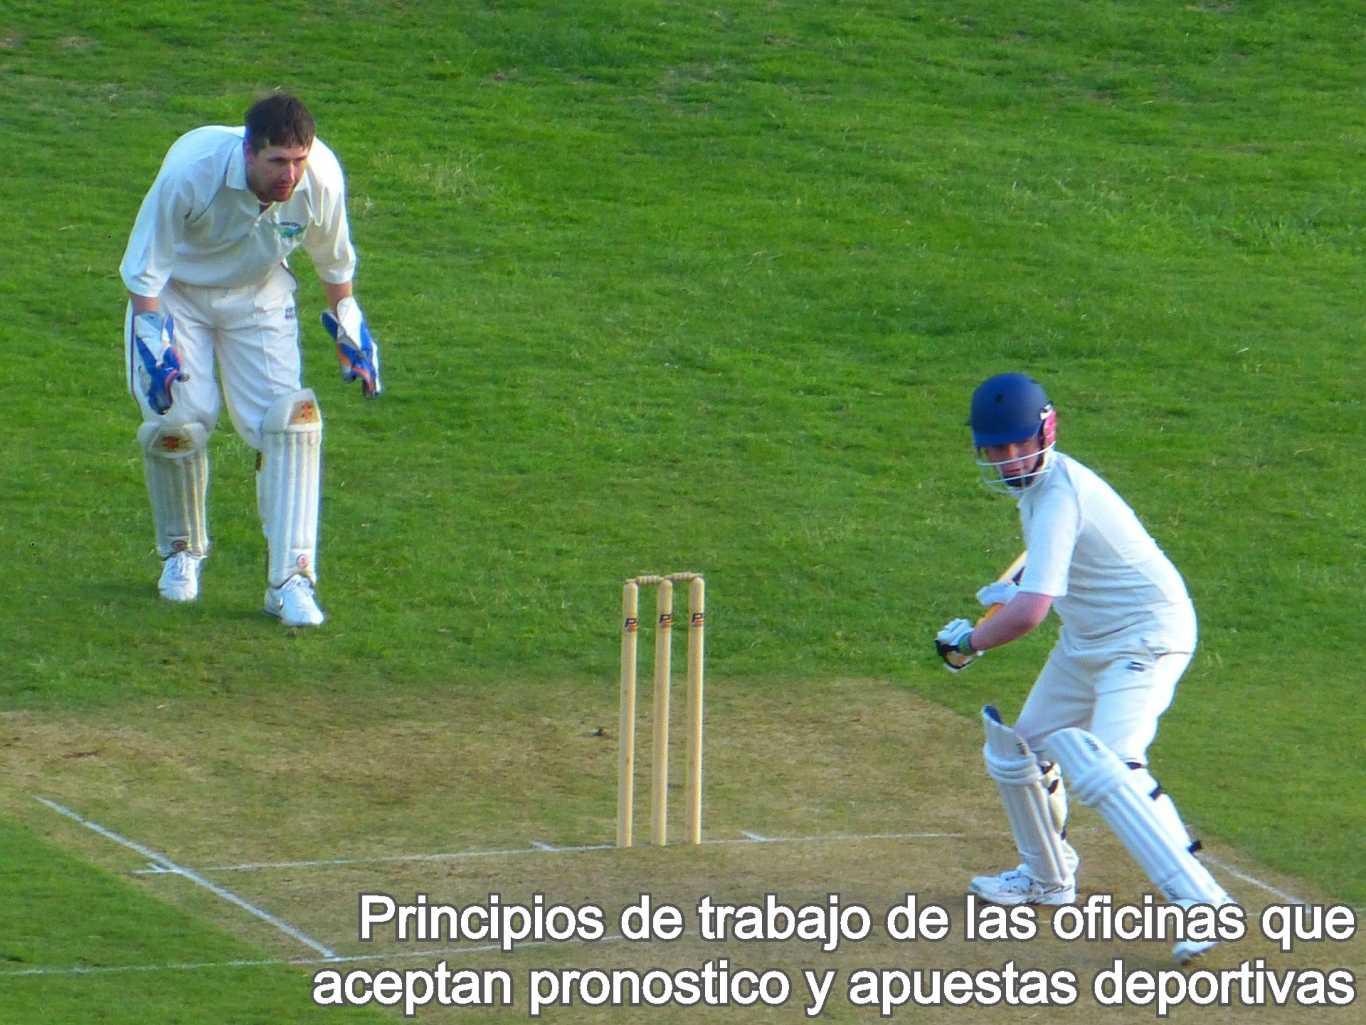 Principios de trabajo de las oficinas que aceptan pronostico y apuestas deportivas